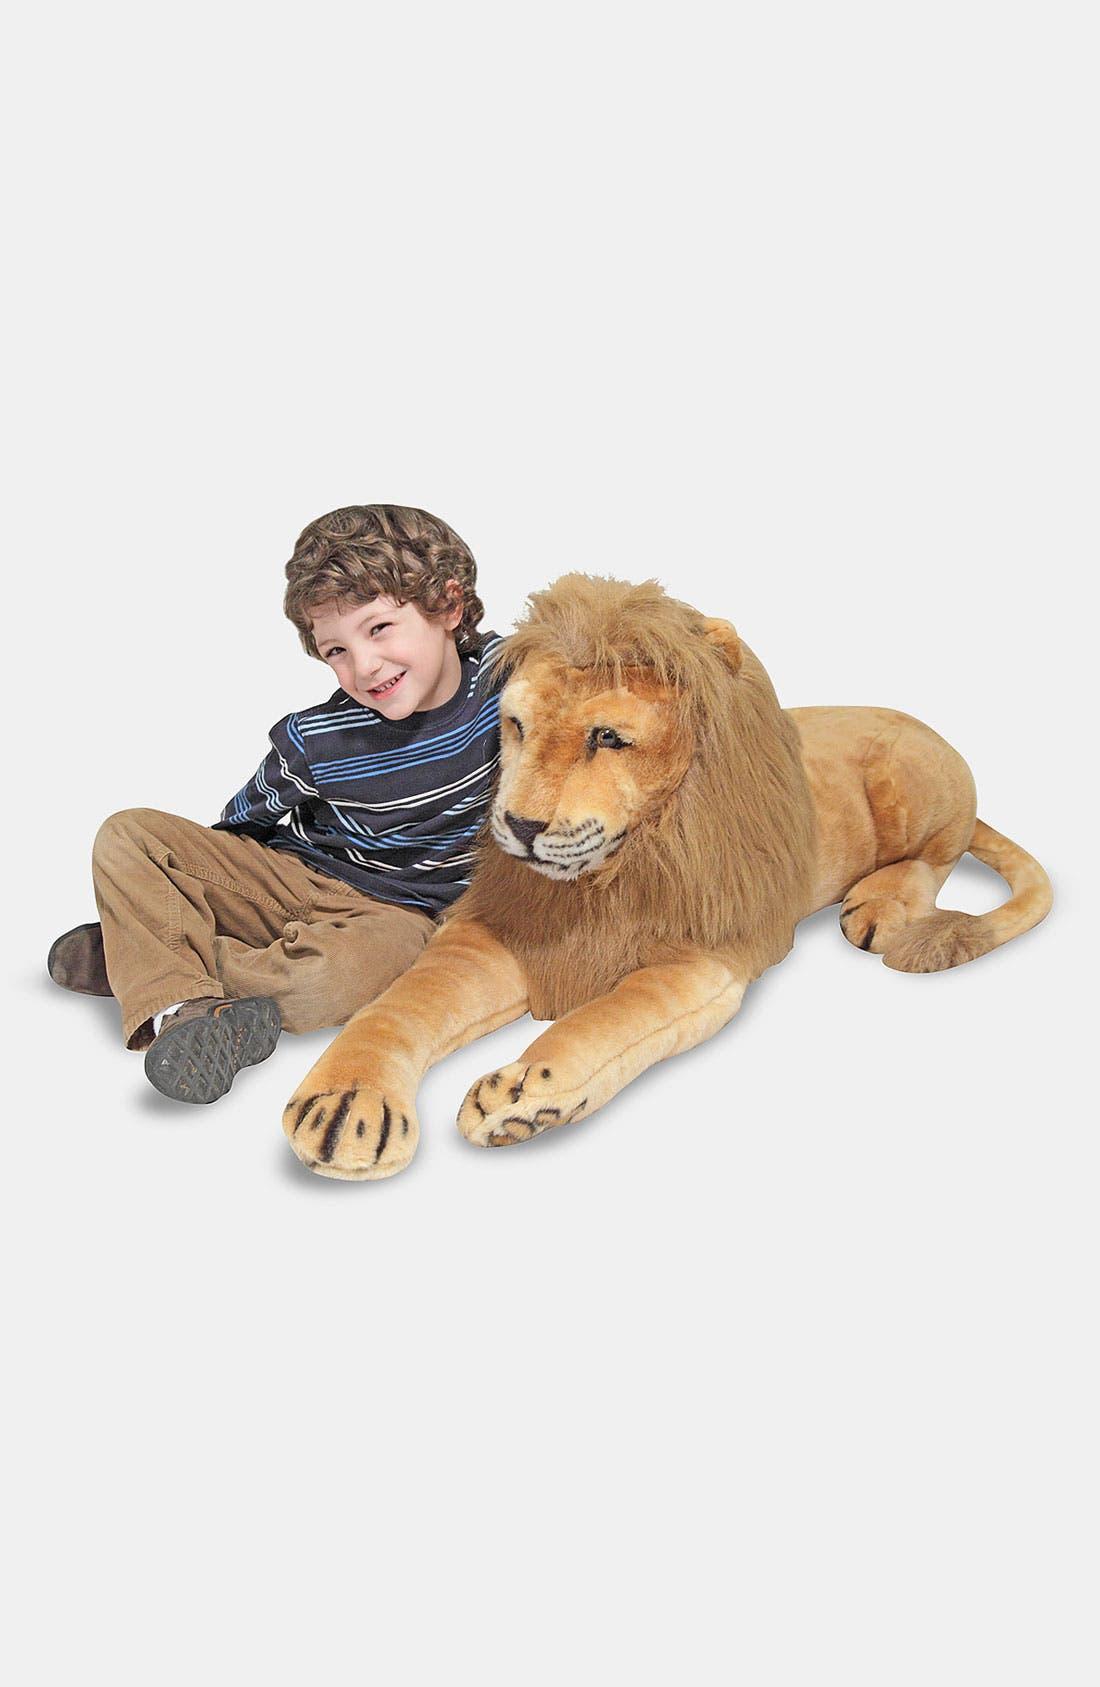 Main Image - Melissa & Doug Oversized Plush Stuffed Lion